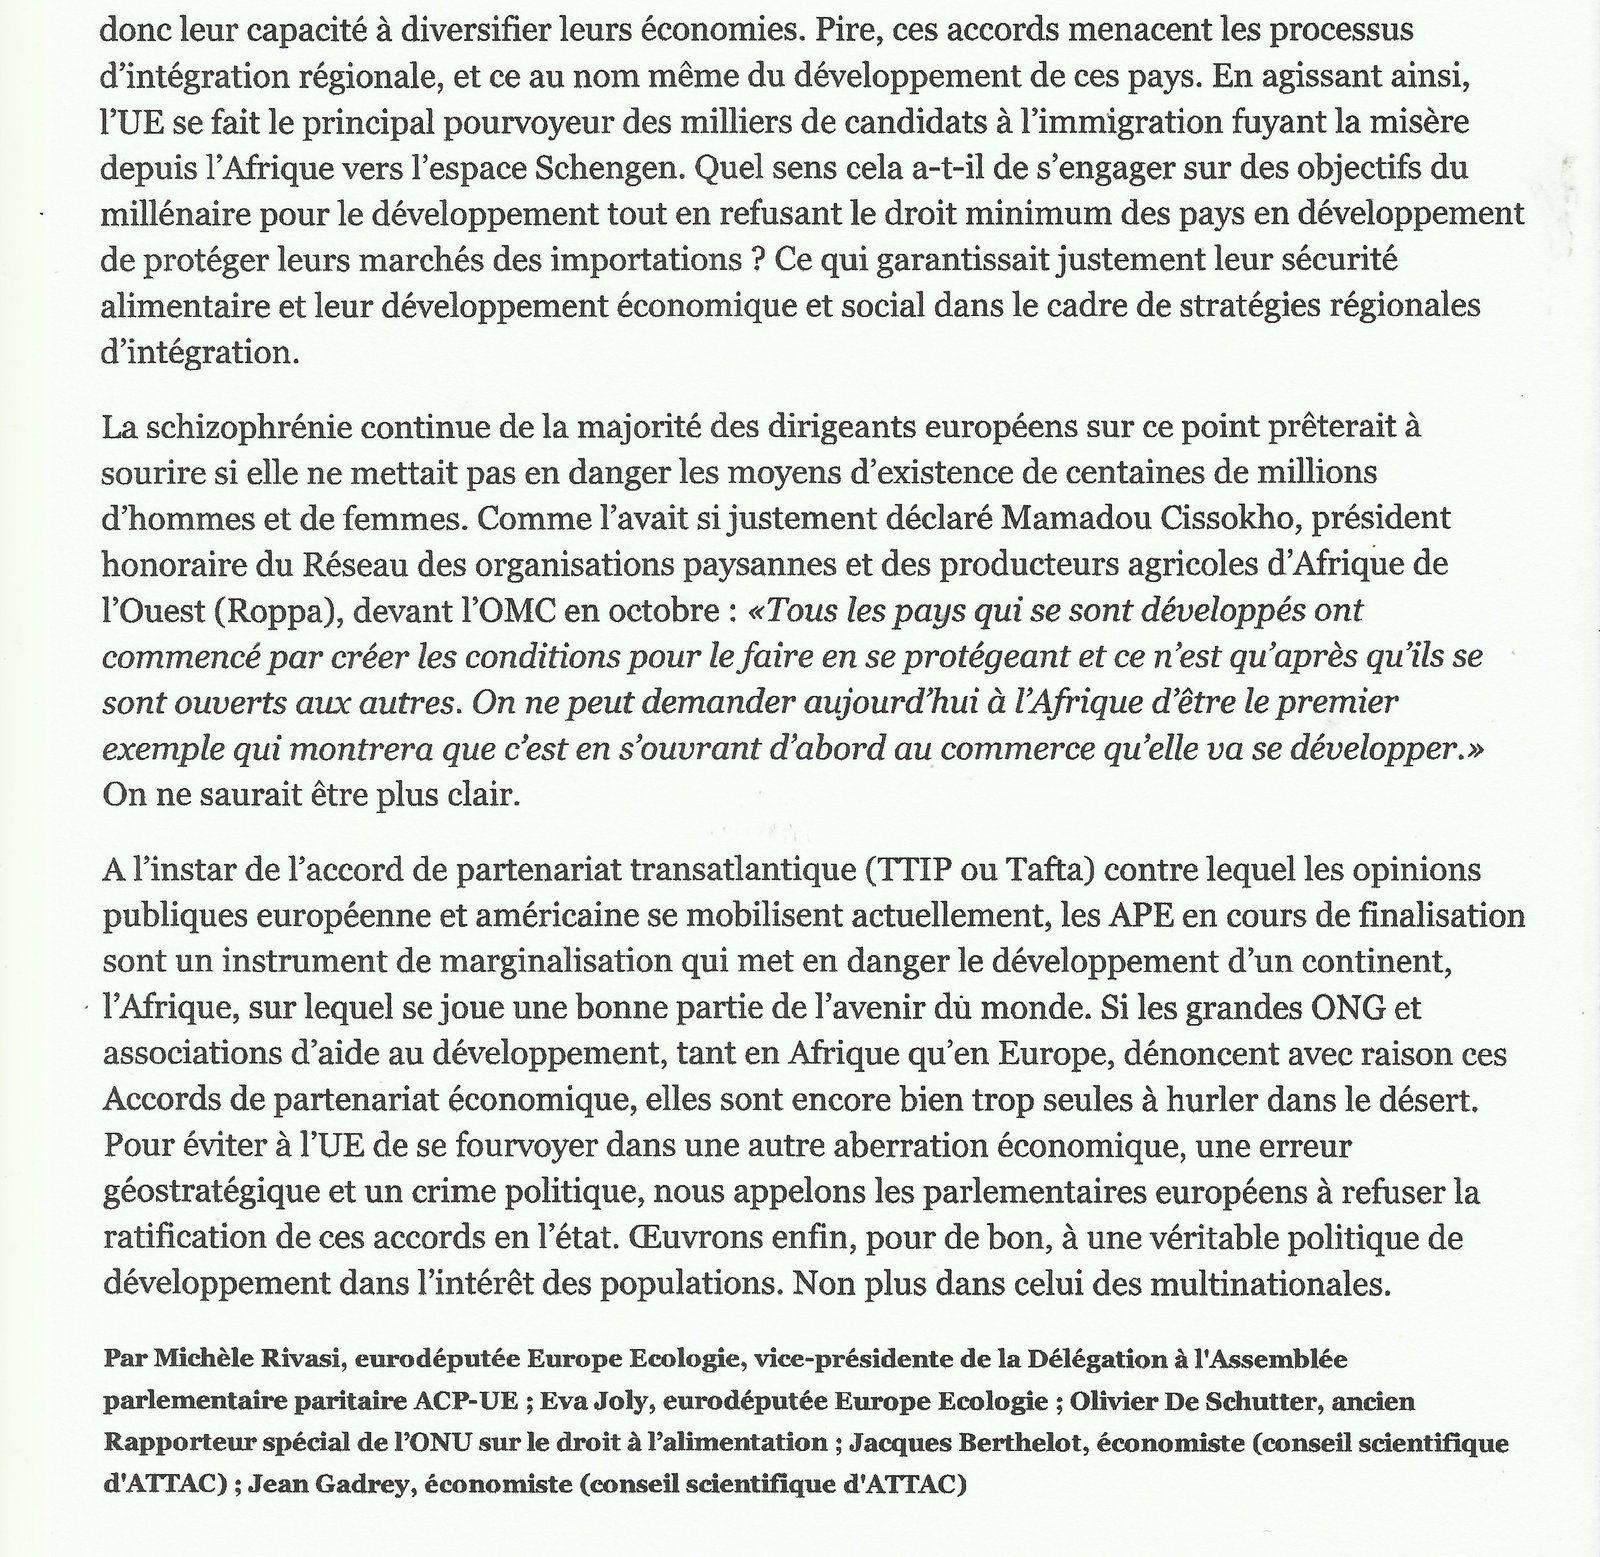 |UE-AFRIQUE de L'OUEST : une entrave au développement aux apparences d'un partenariat